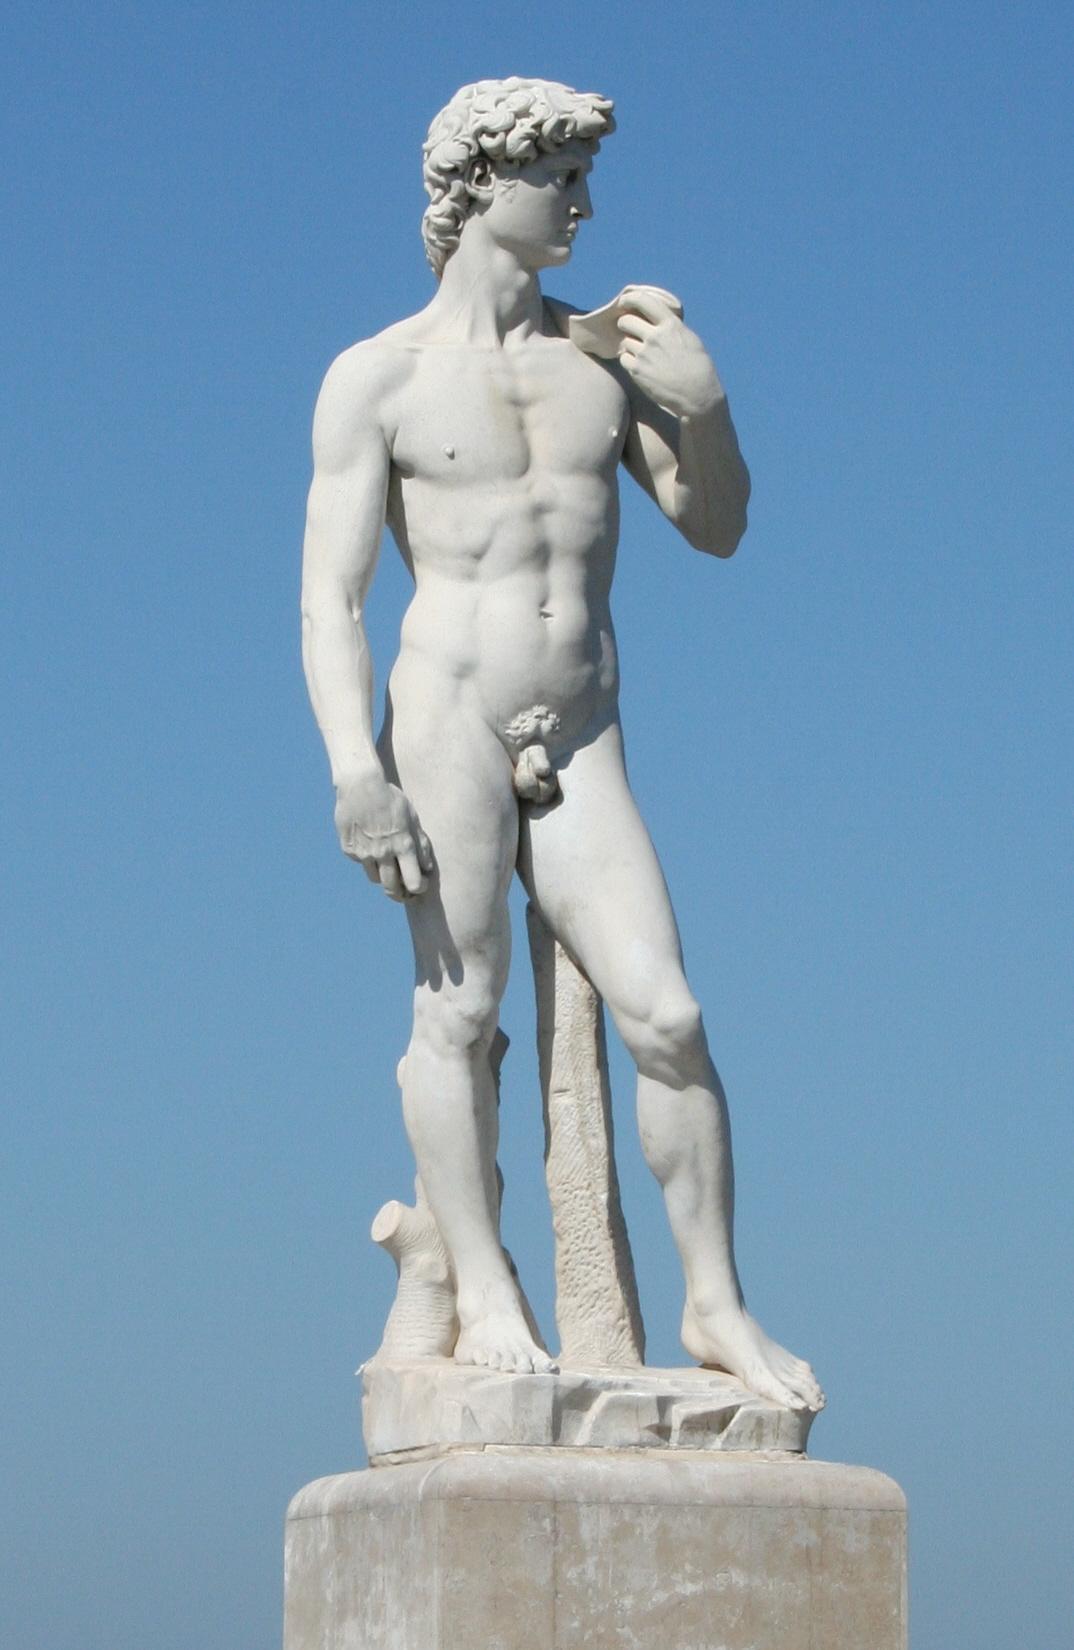 High Resolution Wallpaper   Statue 1074x1650 px